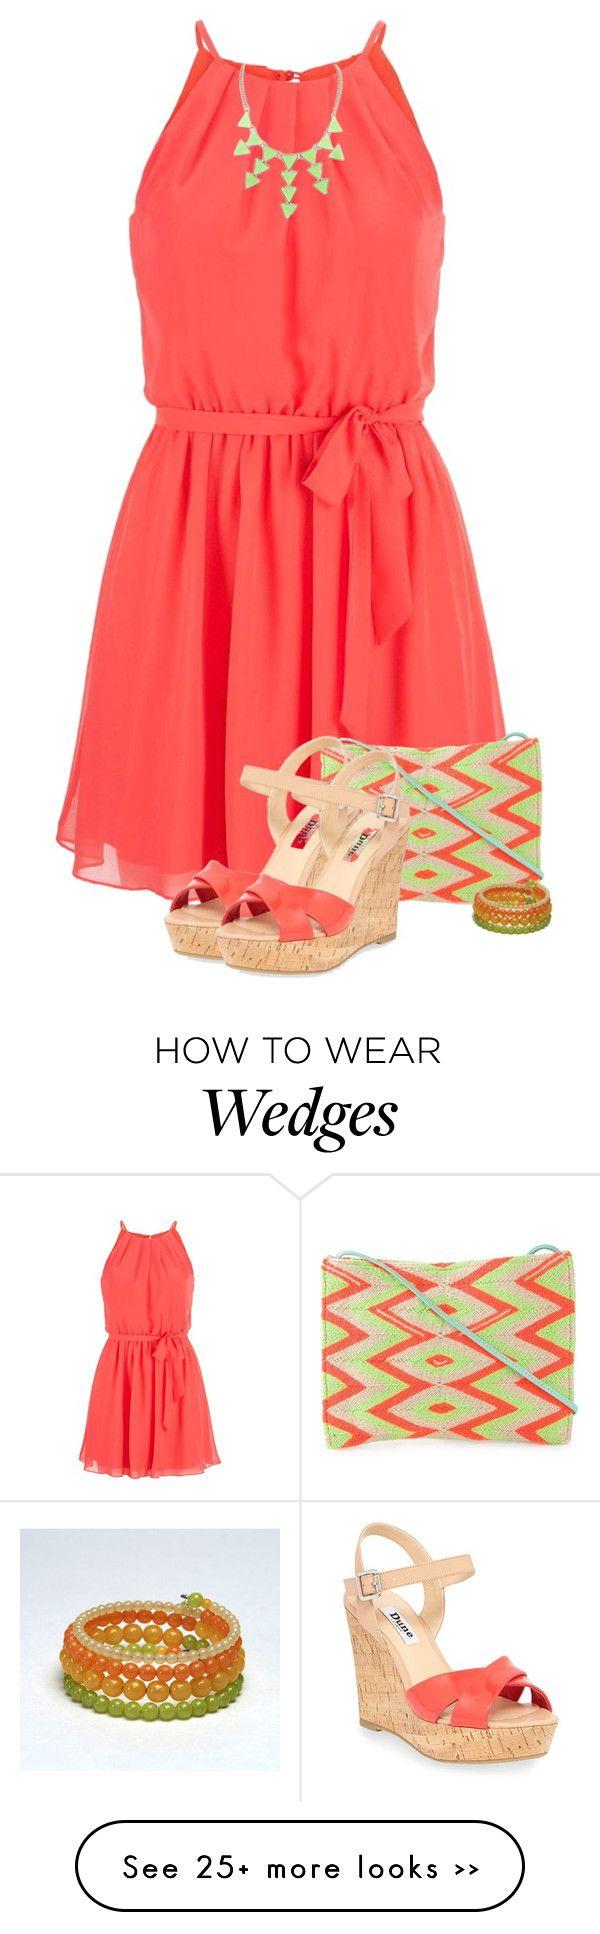 Best 20 September wedding guest outfits ideas on Pinterest